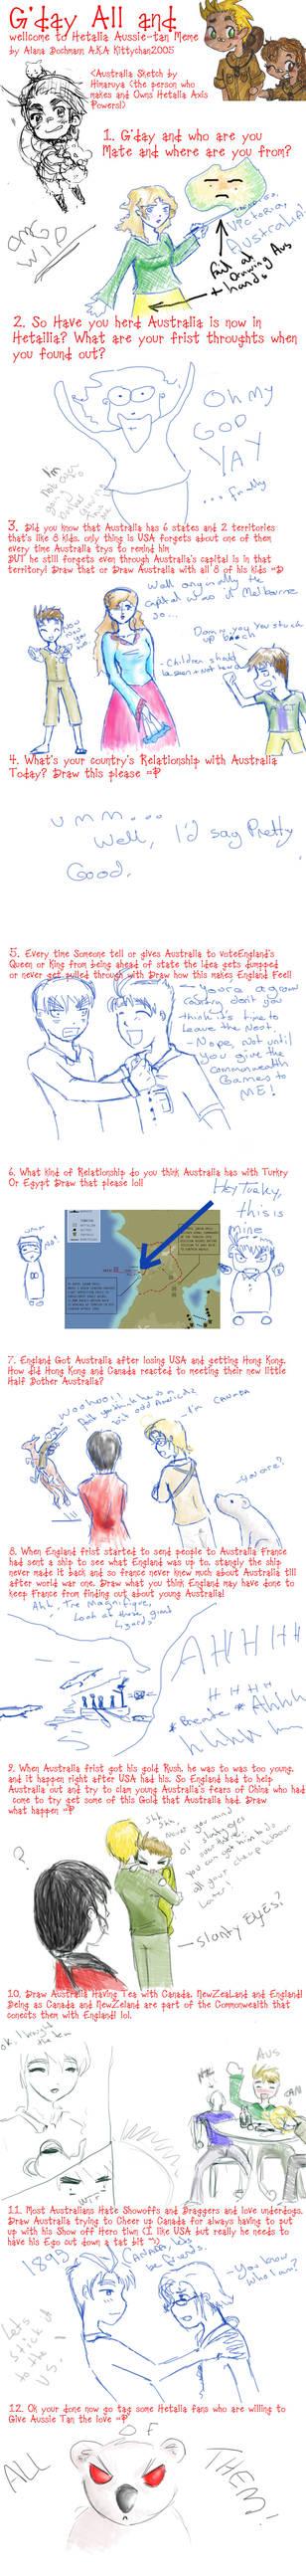 kittychan2005s aussie meme APH